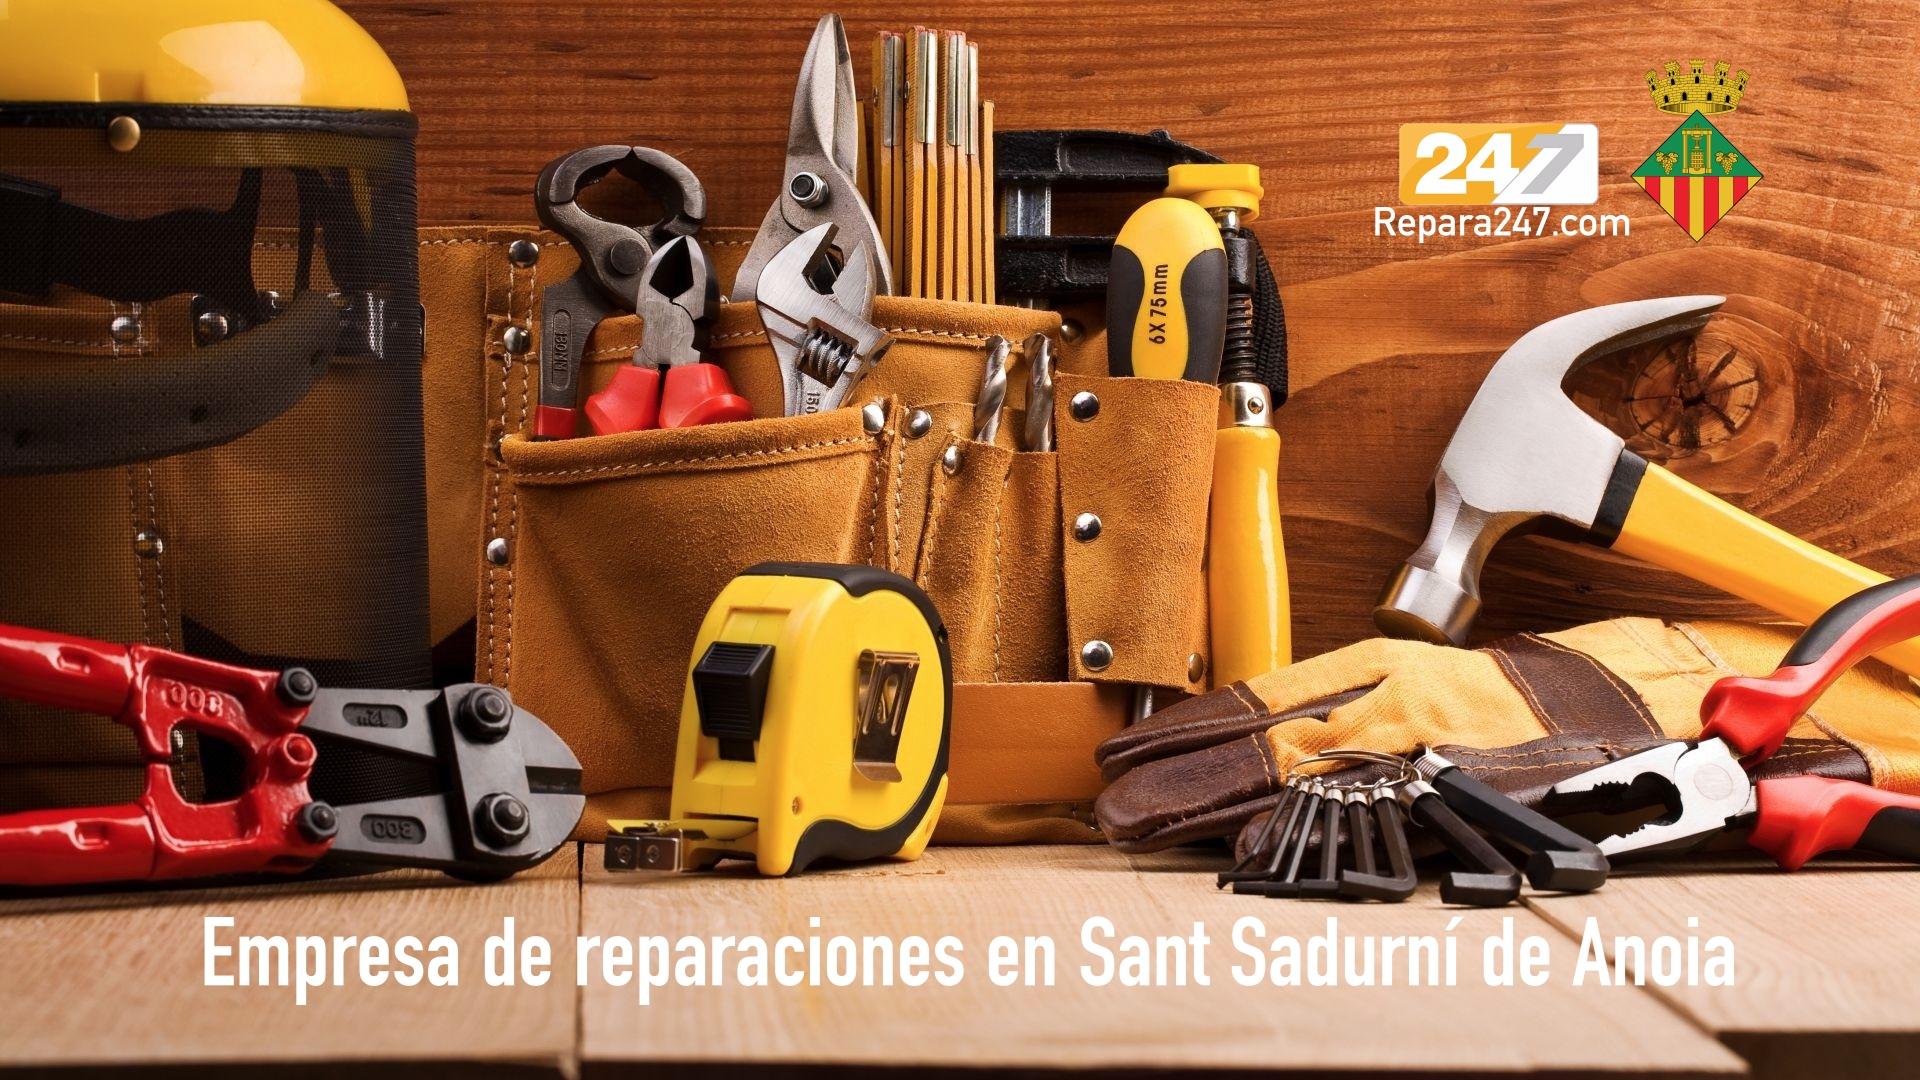 Empresa de reparaciones en Sant Sadurní de Anoia